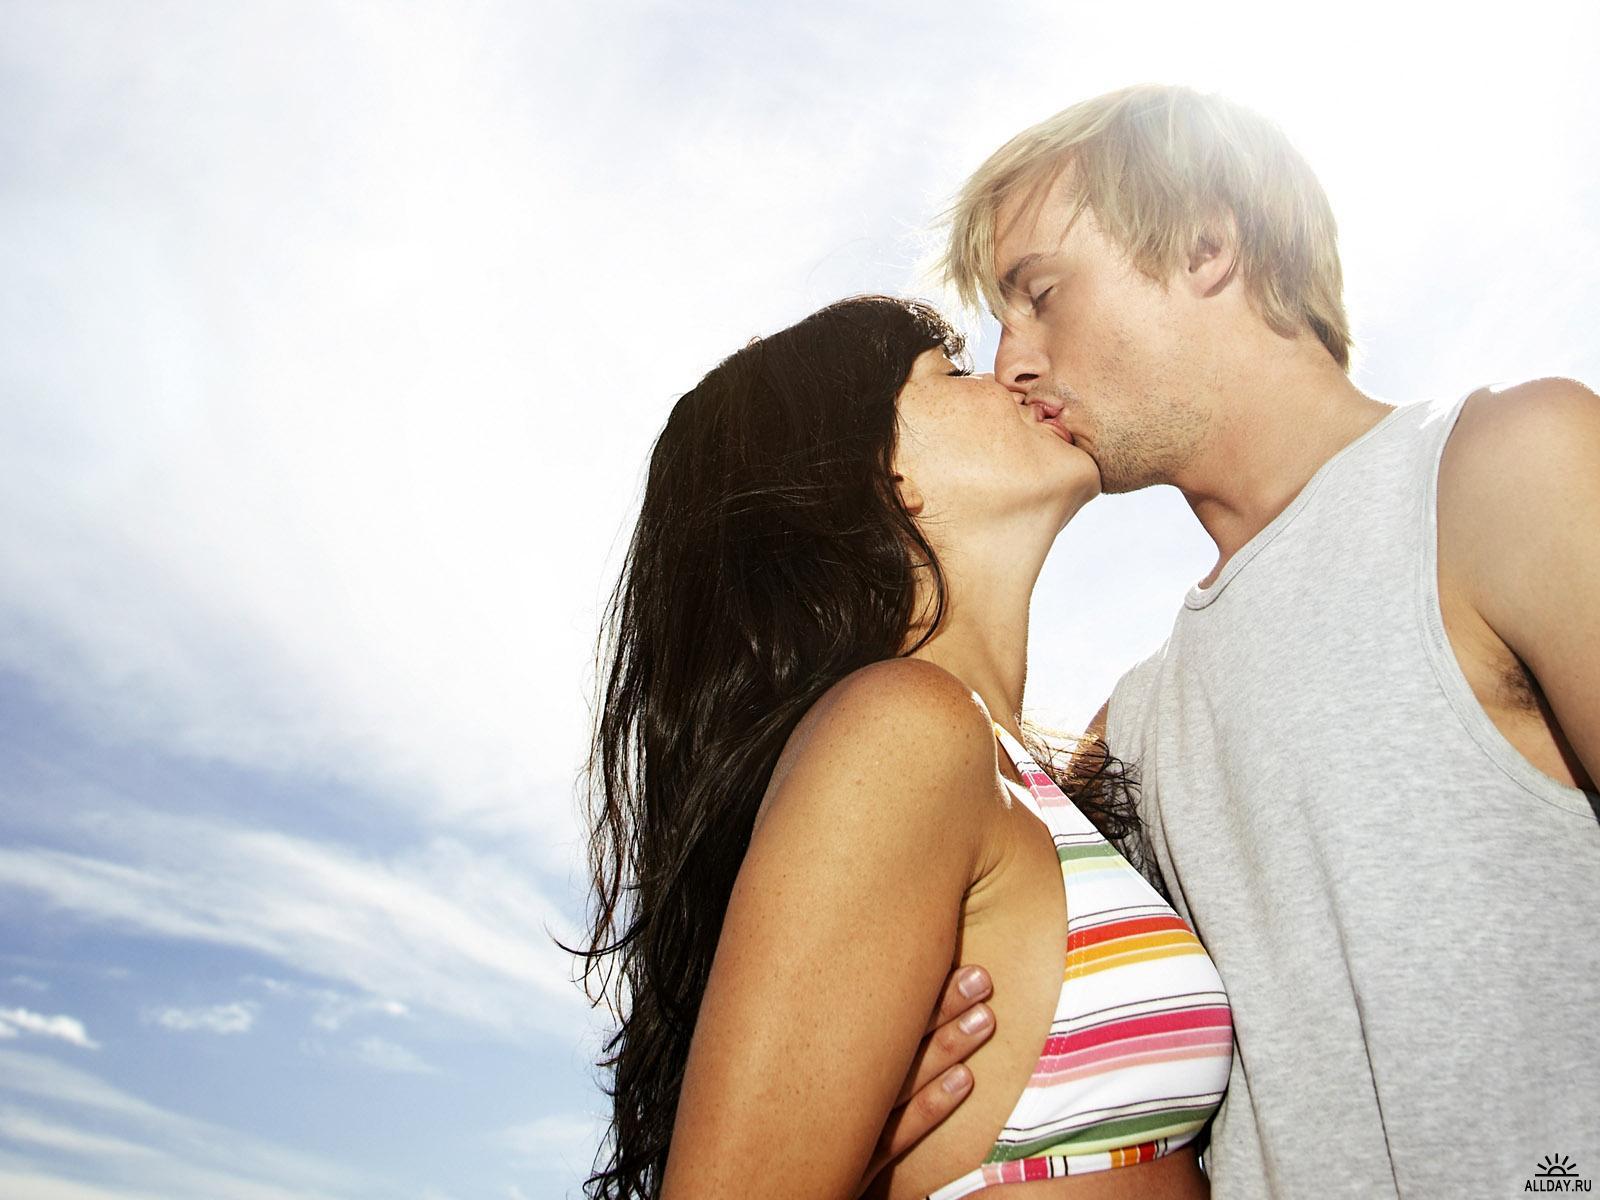 Во время отдыха за границей люди забывают о контрацепции